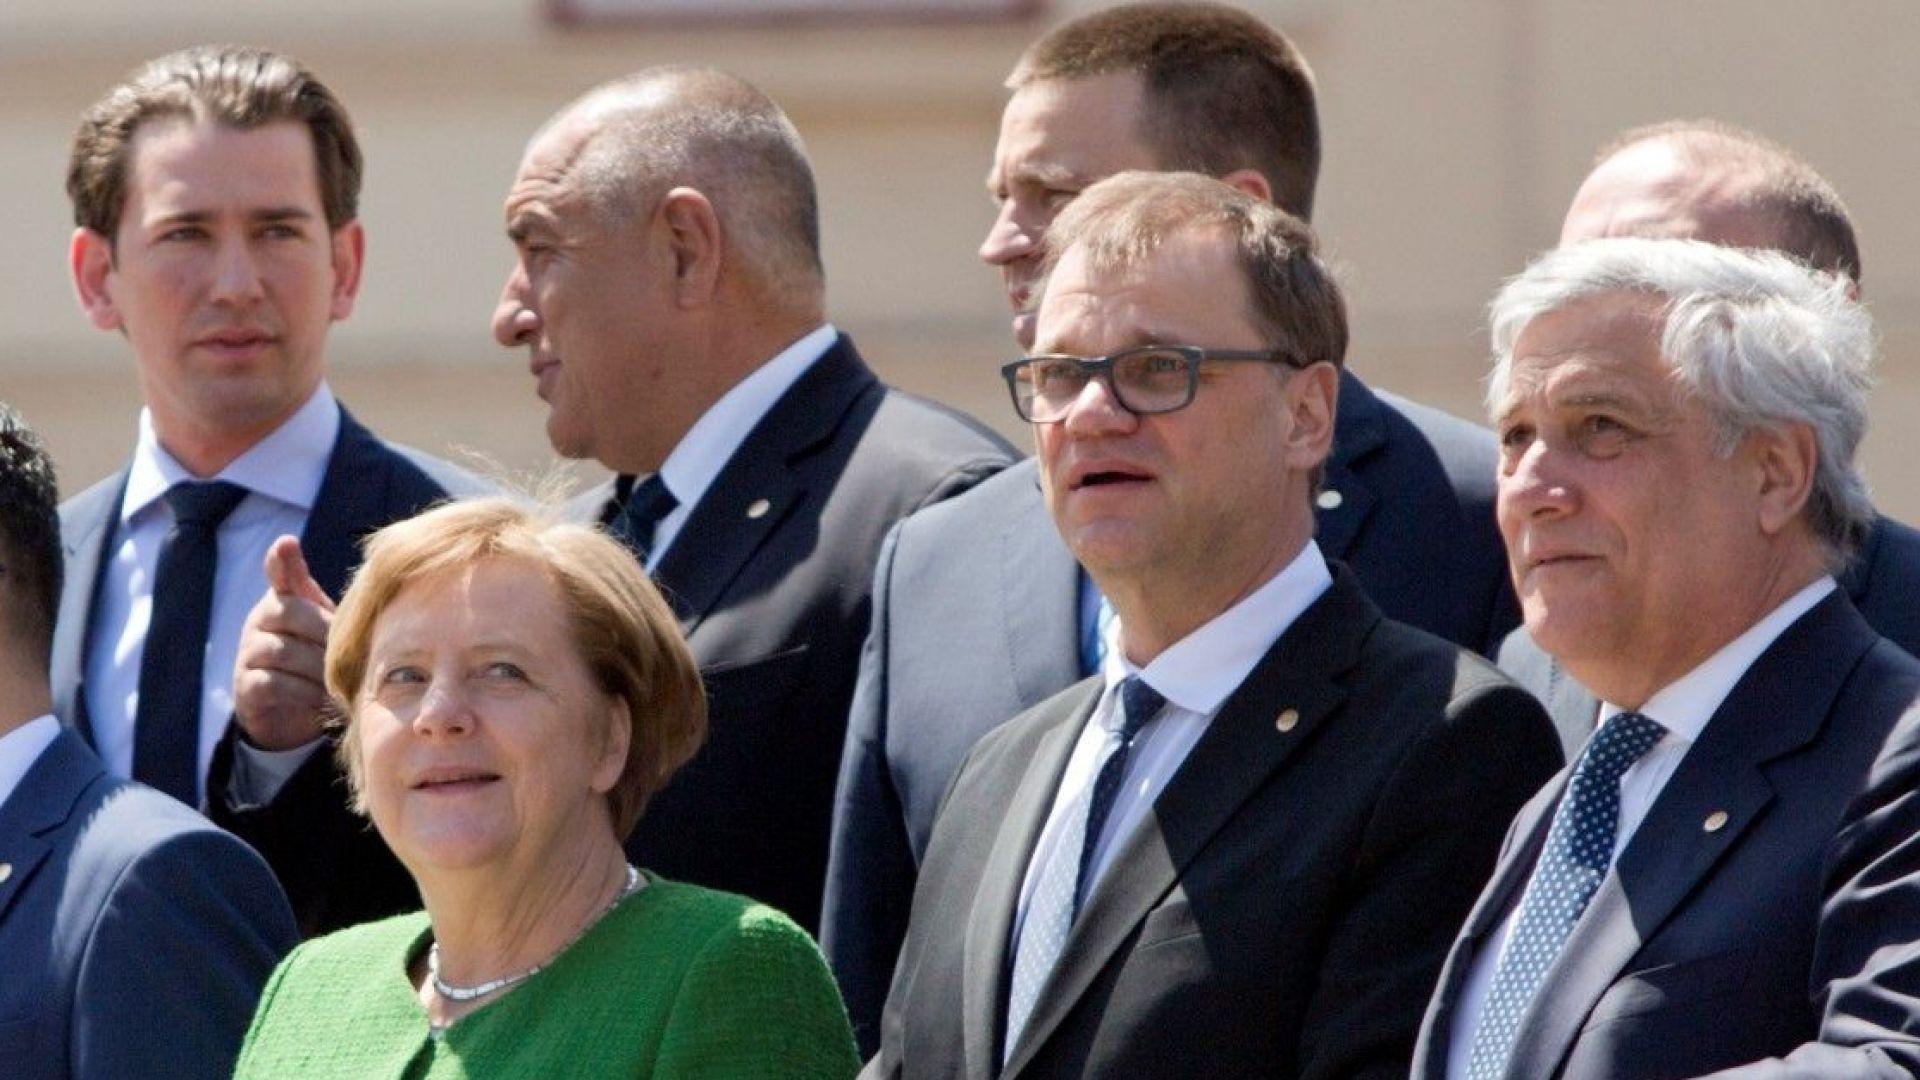 Борисов цитира папа Франциск пред евролидерите: Мир на Земята